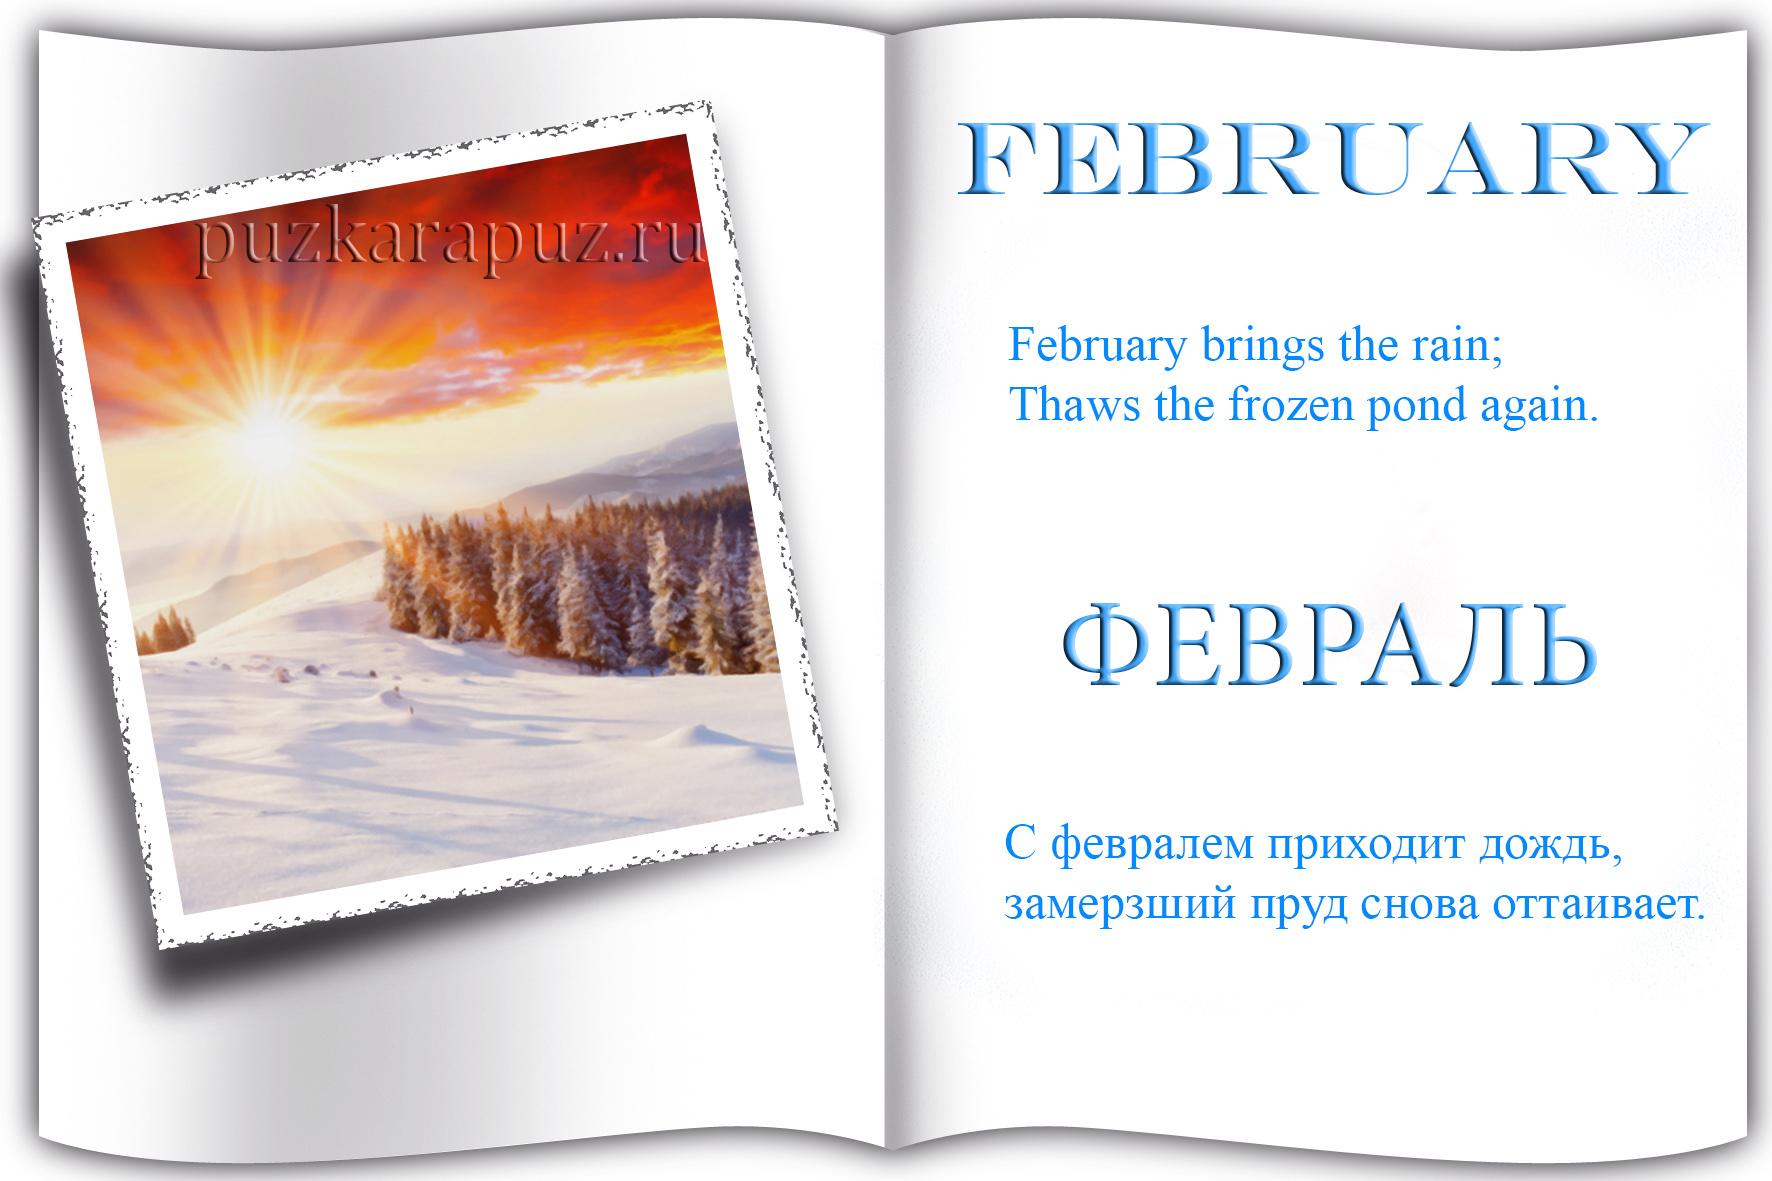 Цитаты на английском про зиму с переводом 121